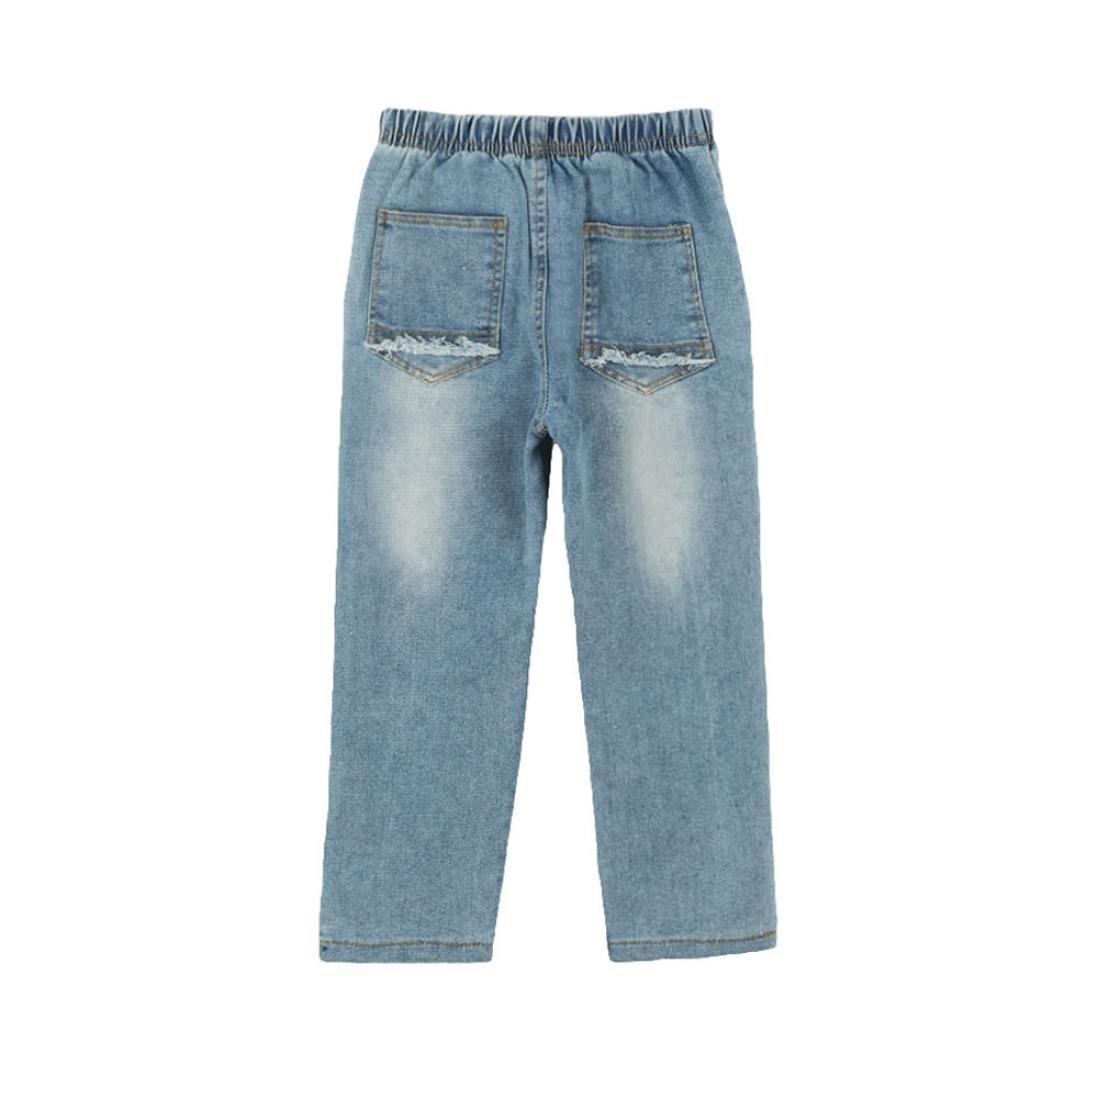 RETUROM Conjuntos de Ropa de Invierno, Niños Chico Cremallera Stretch pantalón Slim Jeans Rotos Pantalones Vaqueros Agujero